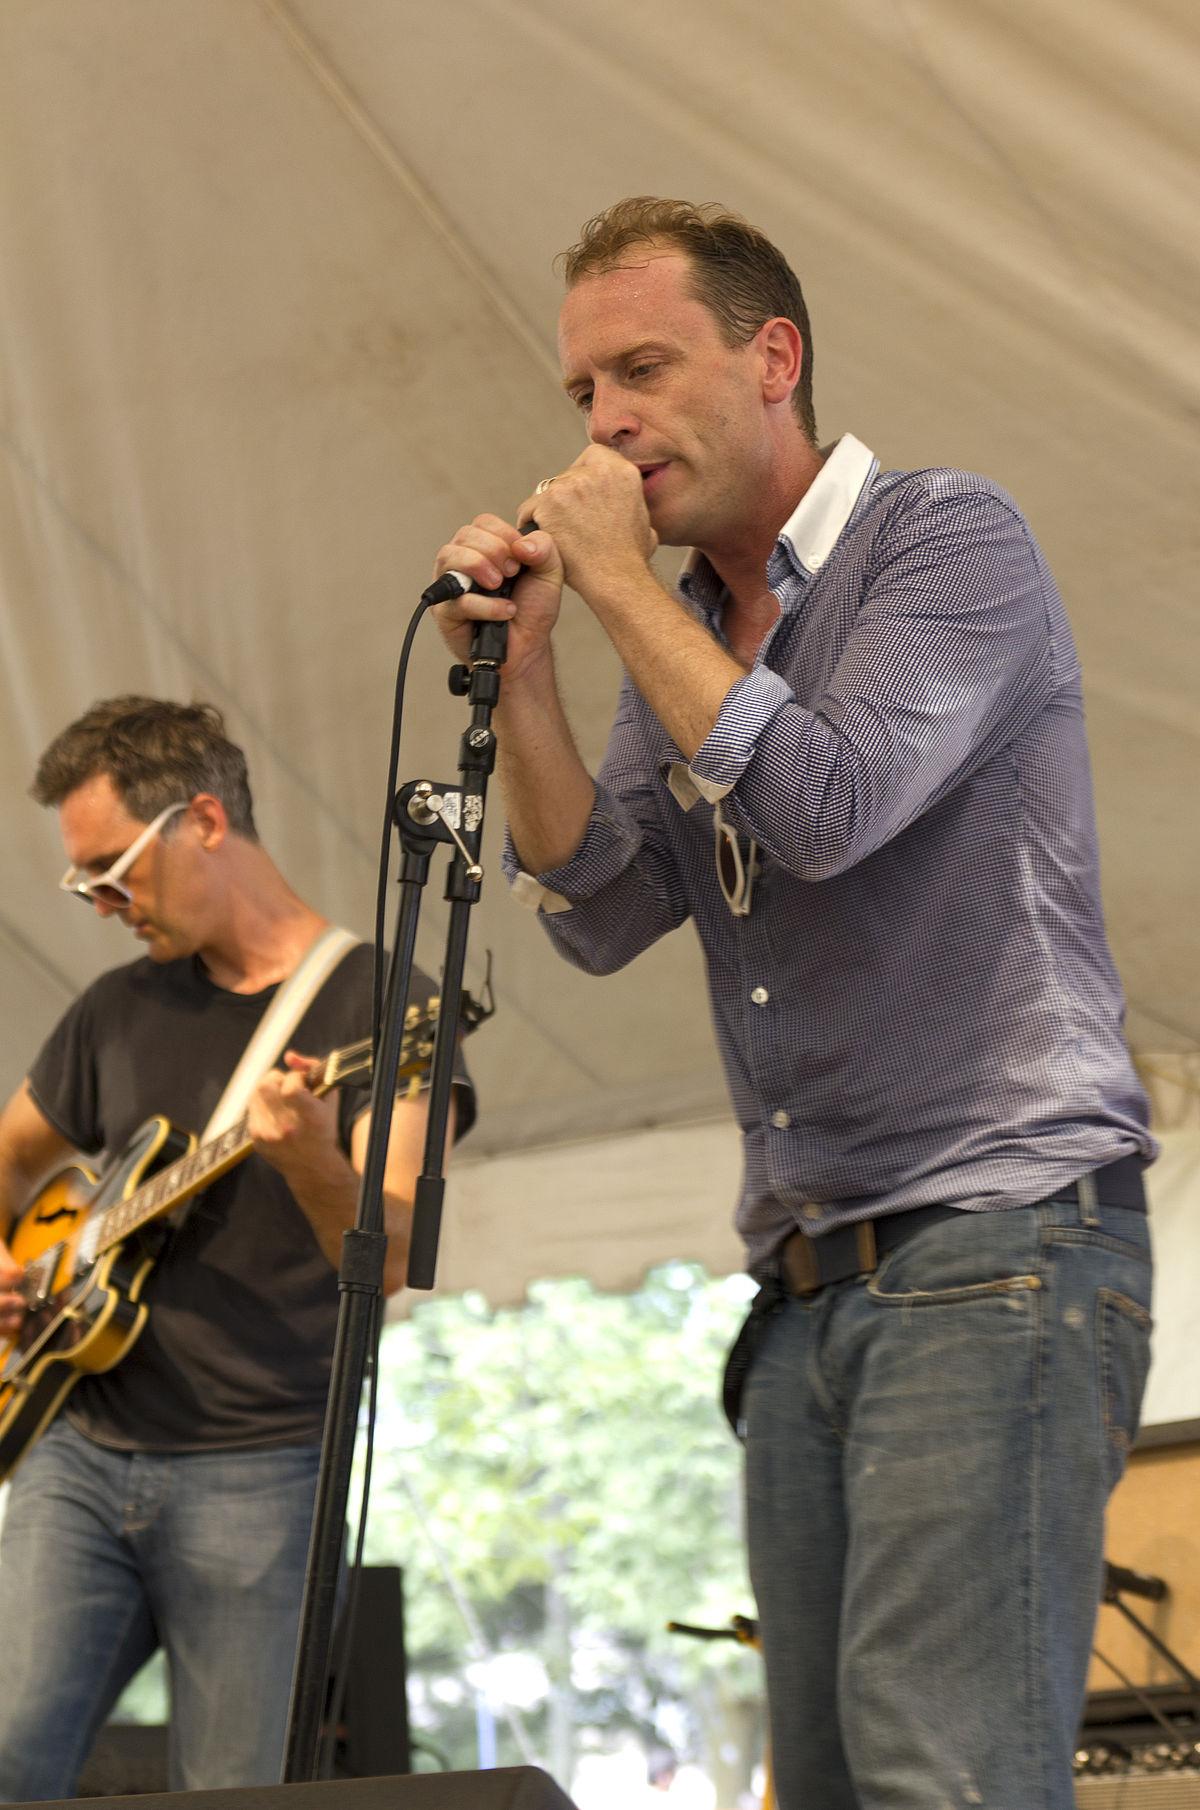 Memphis (band) - Wikipedia